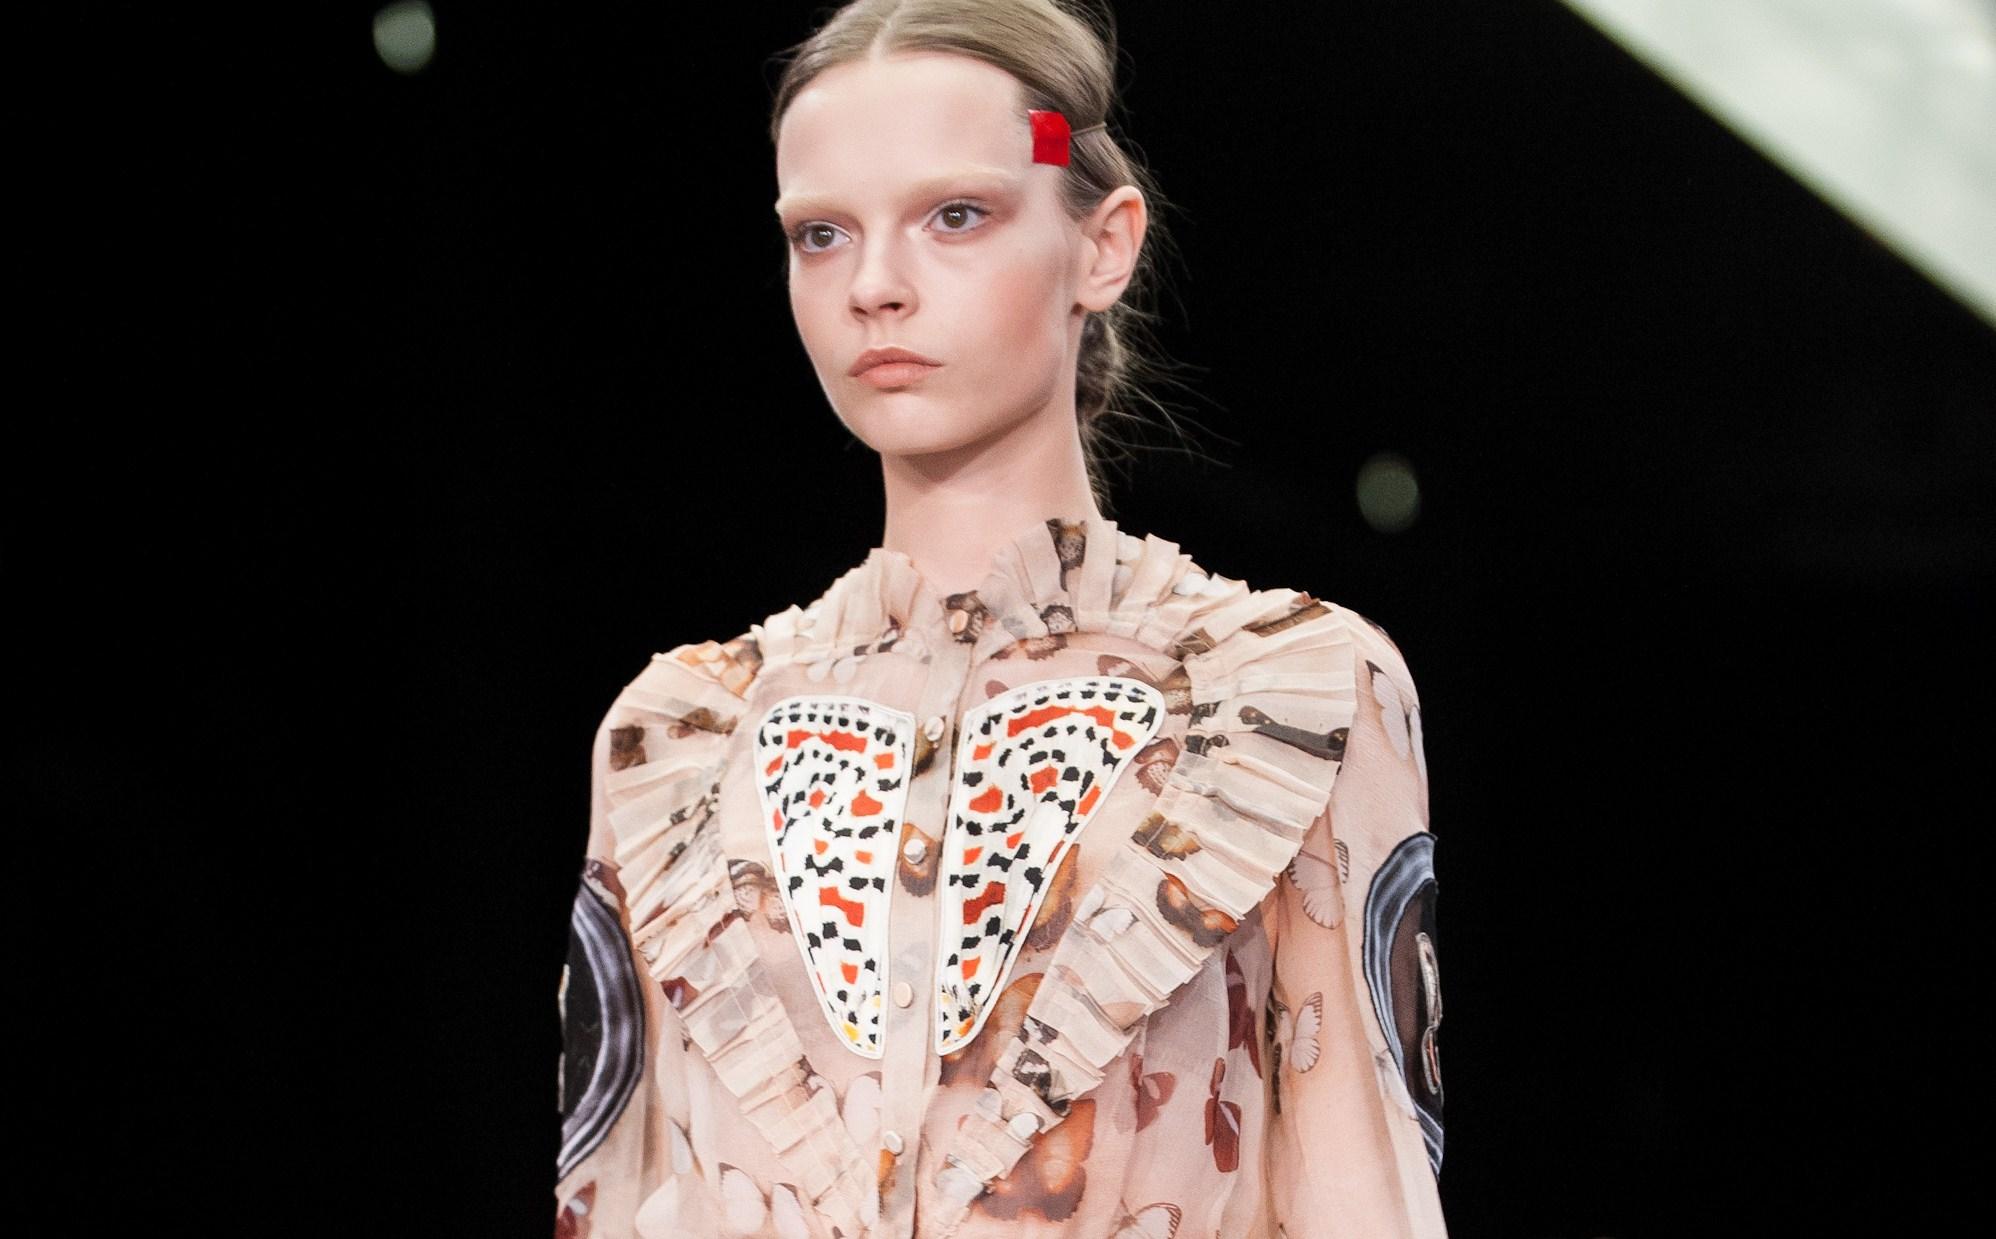 Givenchy: in passerella sboccia la donna farfalla di Riccardo Tisci (FOTO)